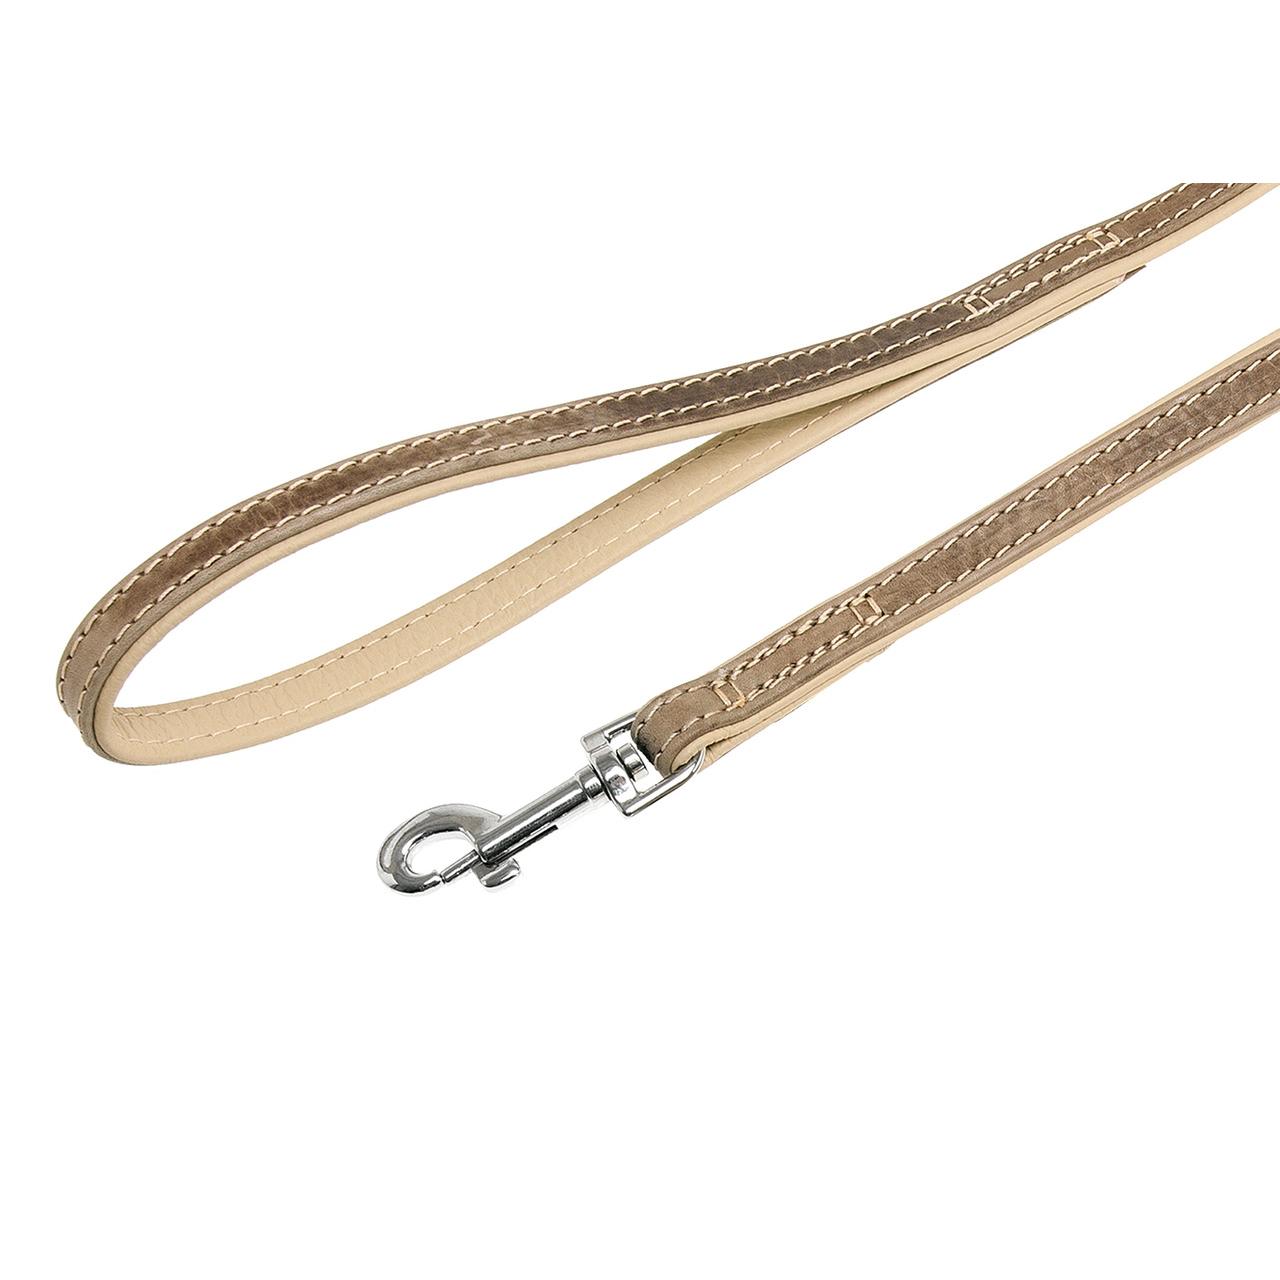 Karlie Lederleine Comfort für Hunde, grau - L: 100 cm B: 18 mm